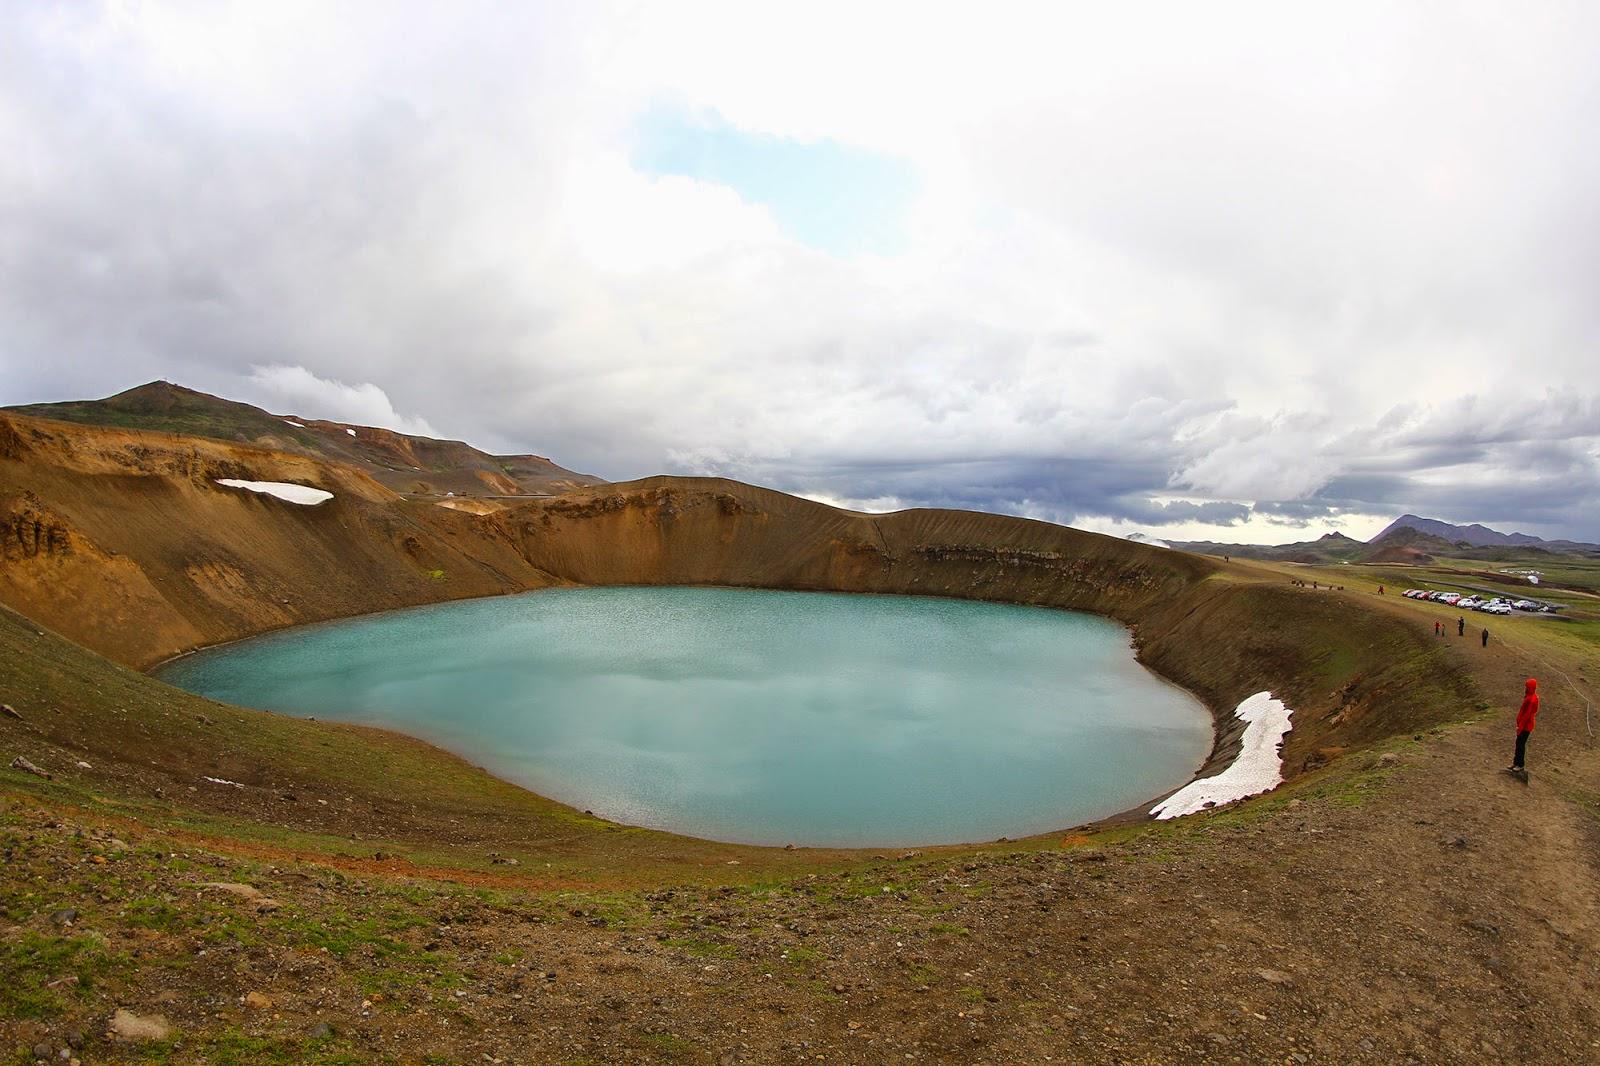 Visitar KRAFLA, uma viagem à terra dos vulcões e fumarolas islandesas | Islândia